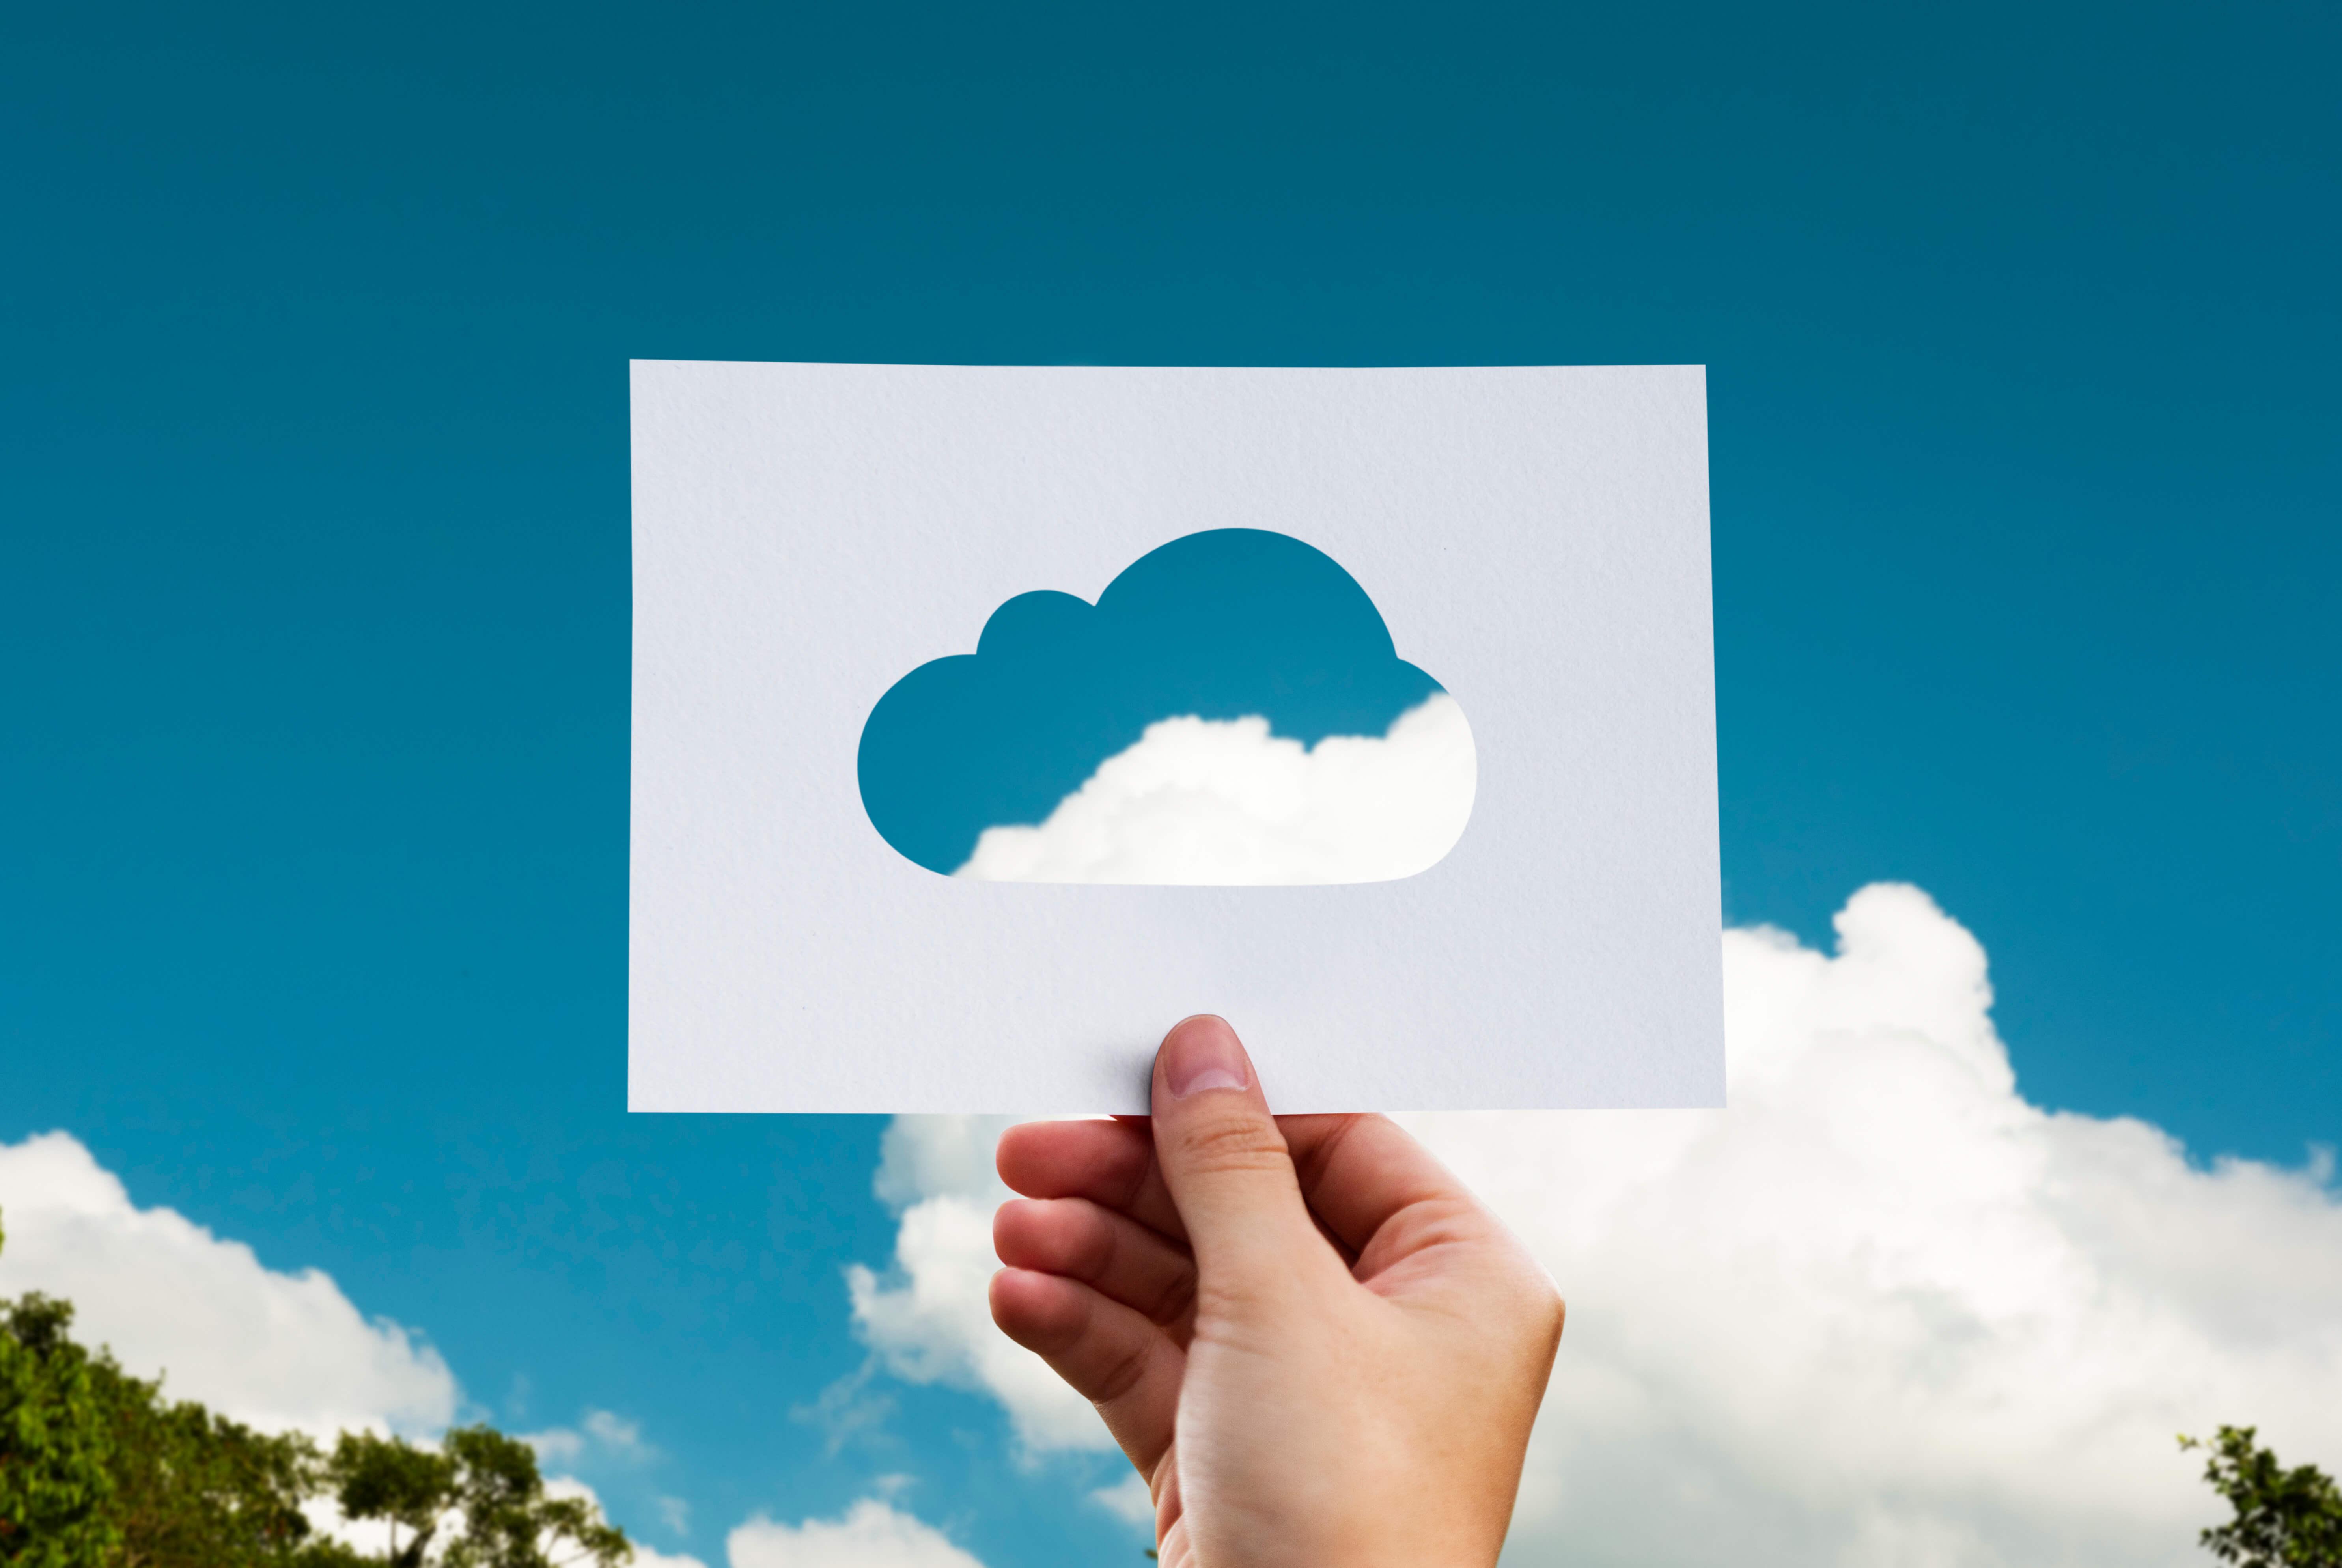 Cloud, SaaS